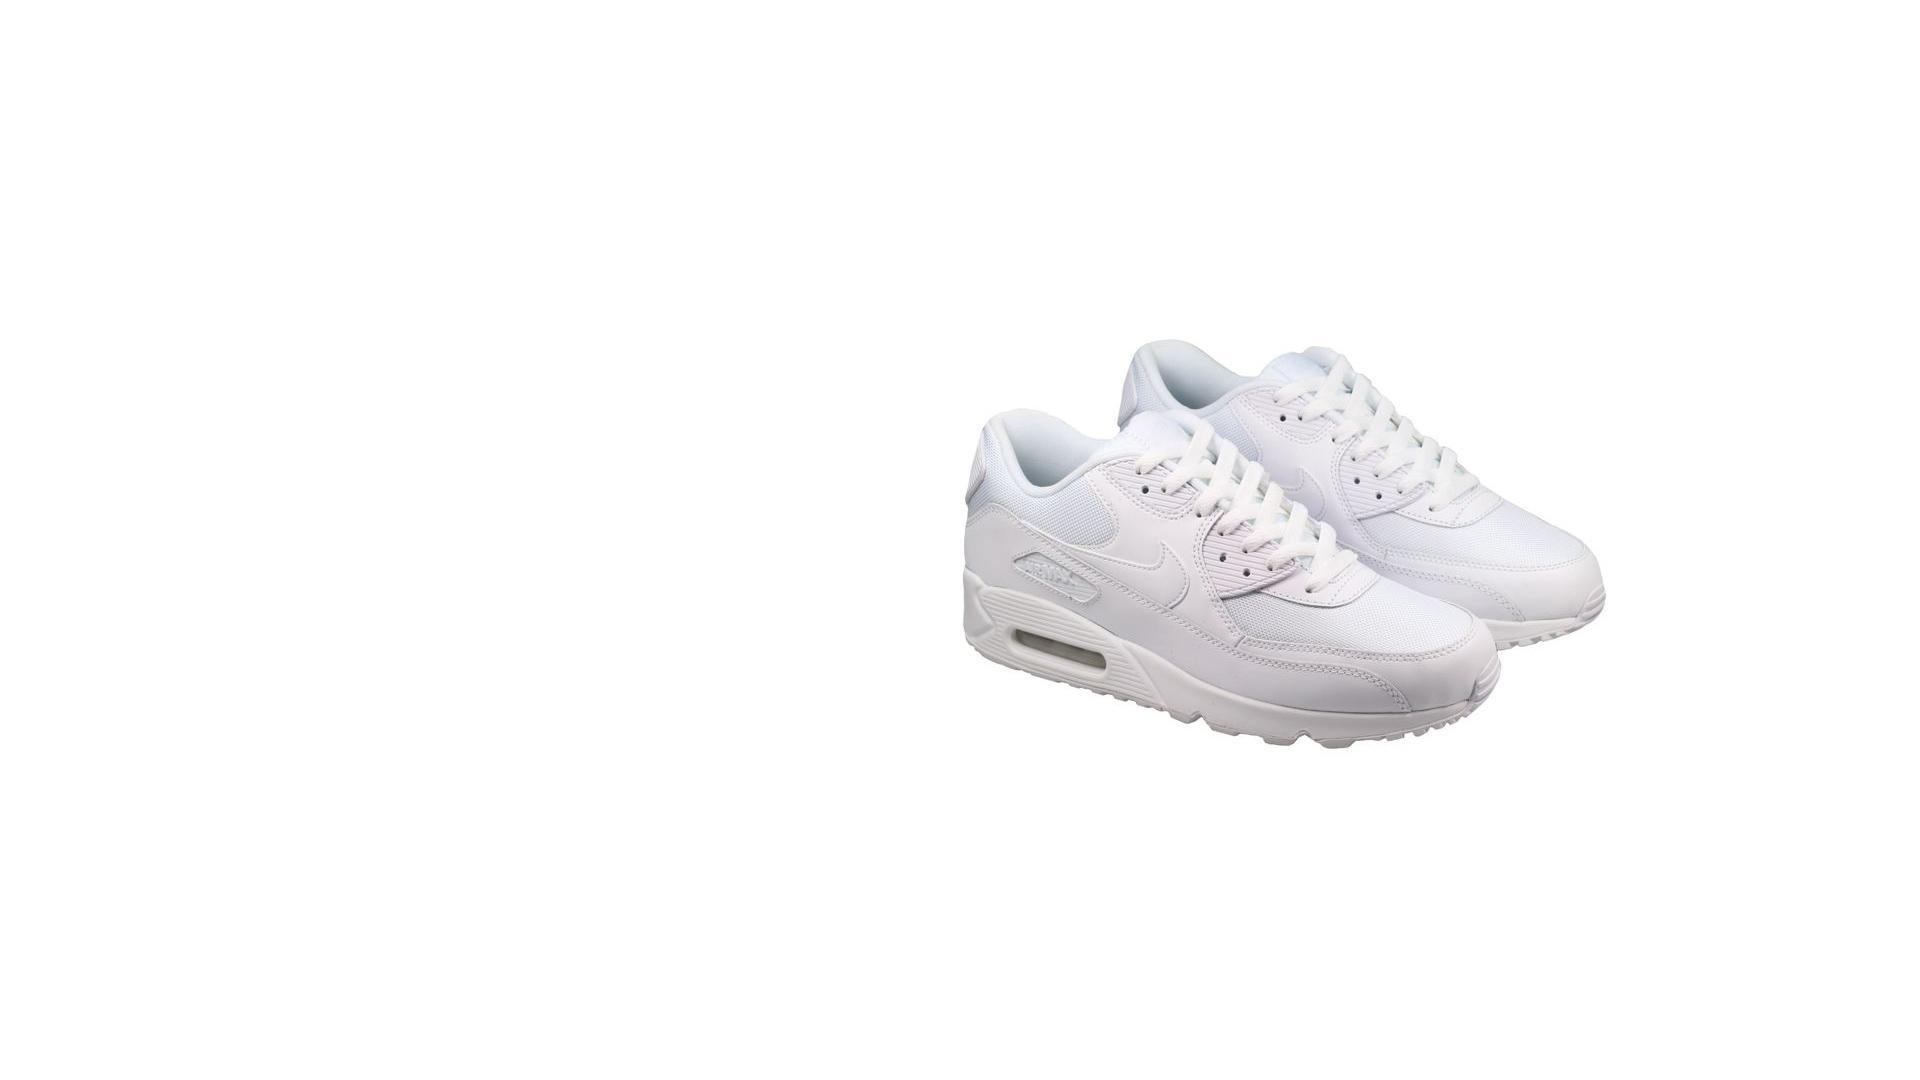 Nike Air Max 90 - Ella Eyre